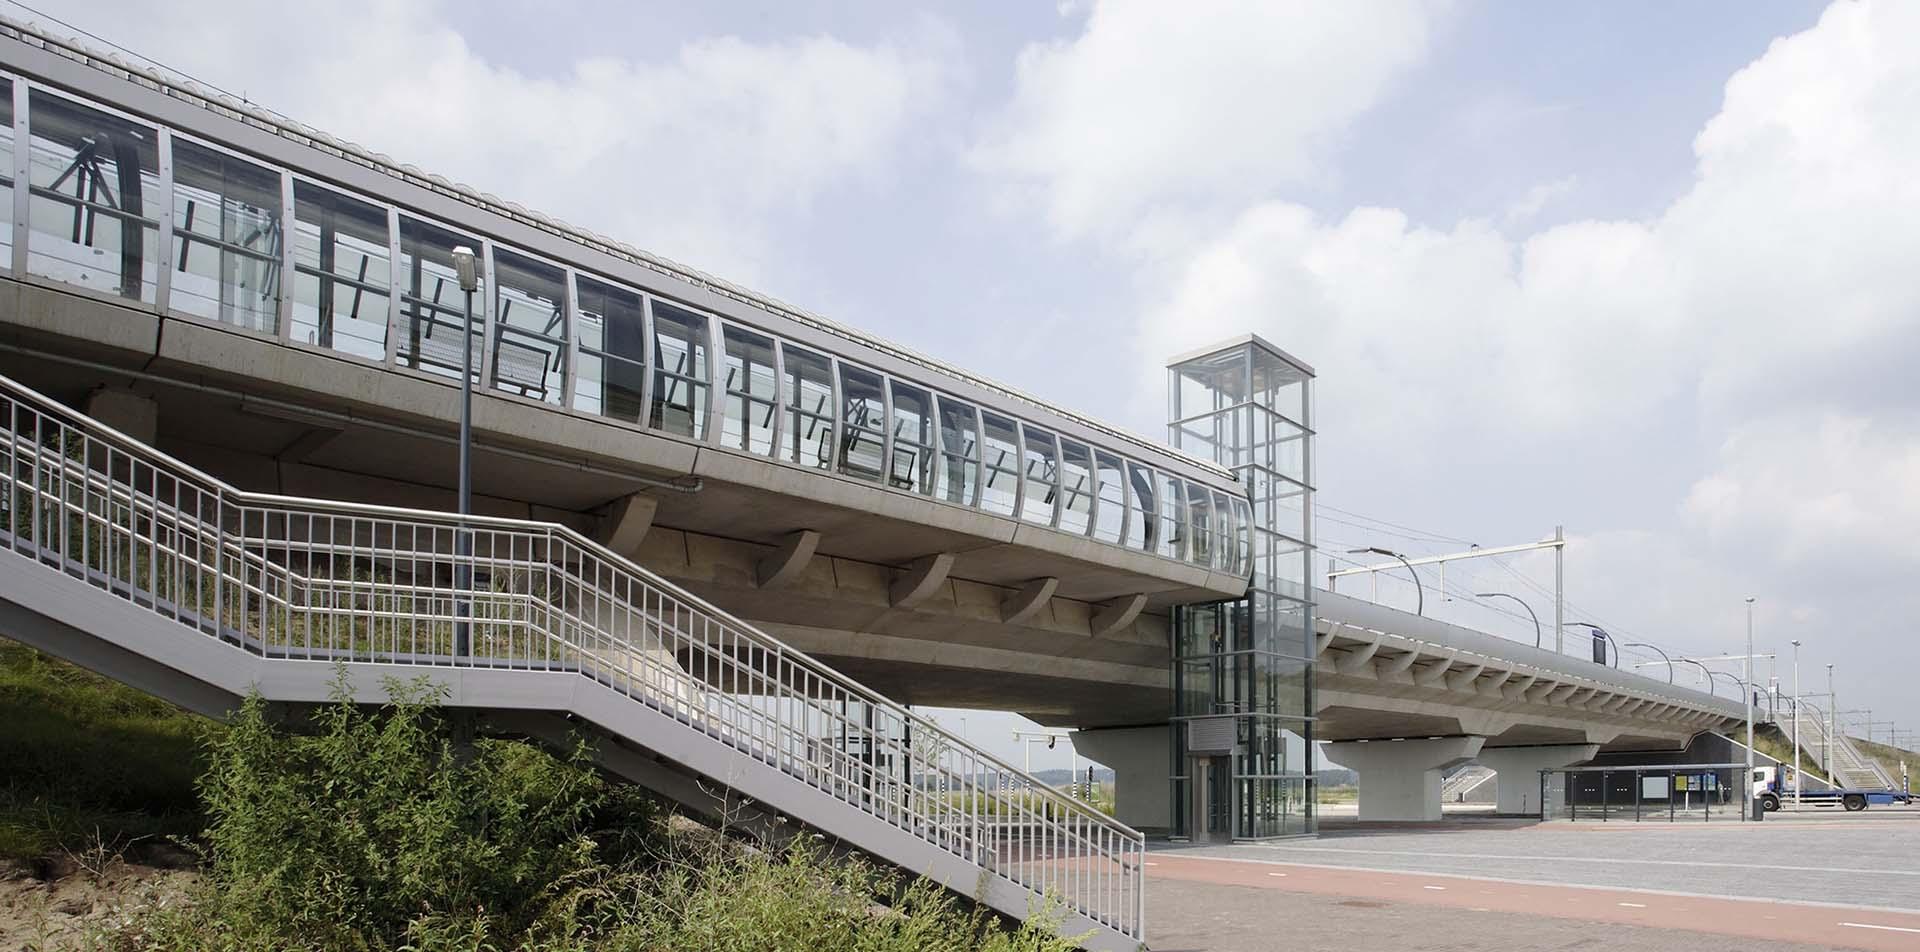 station Arnhem Zuid